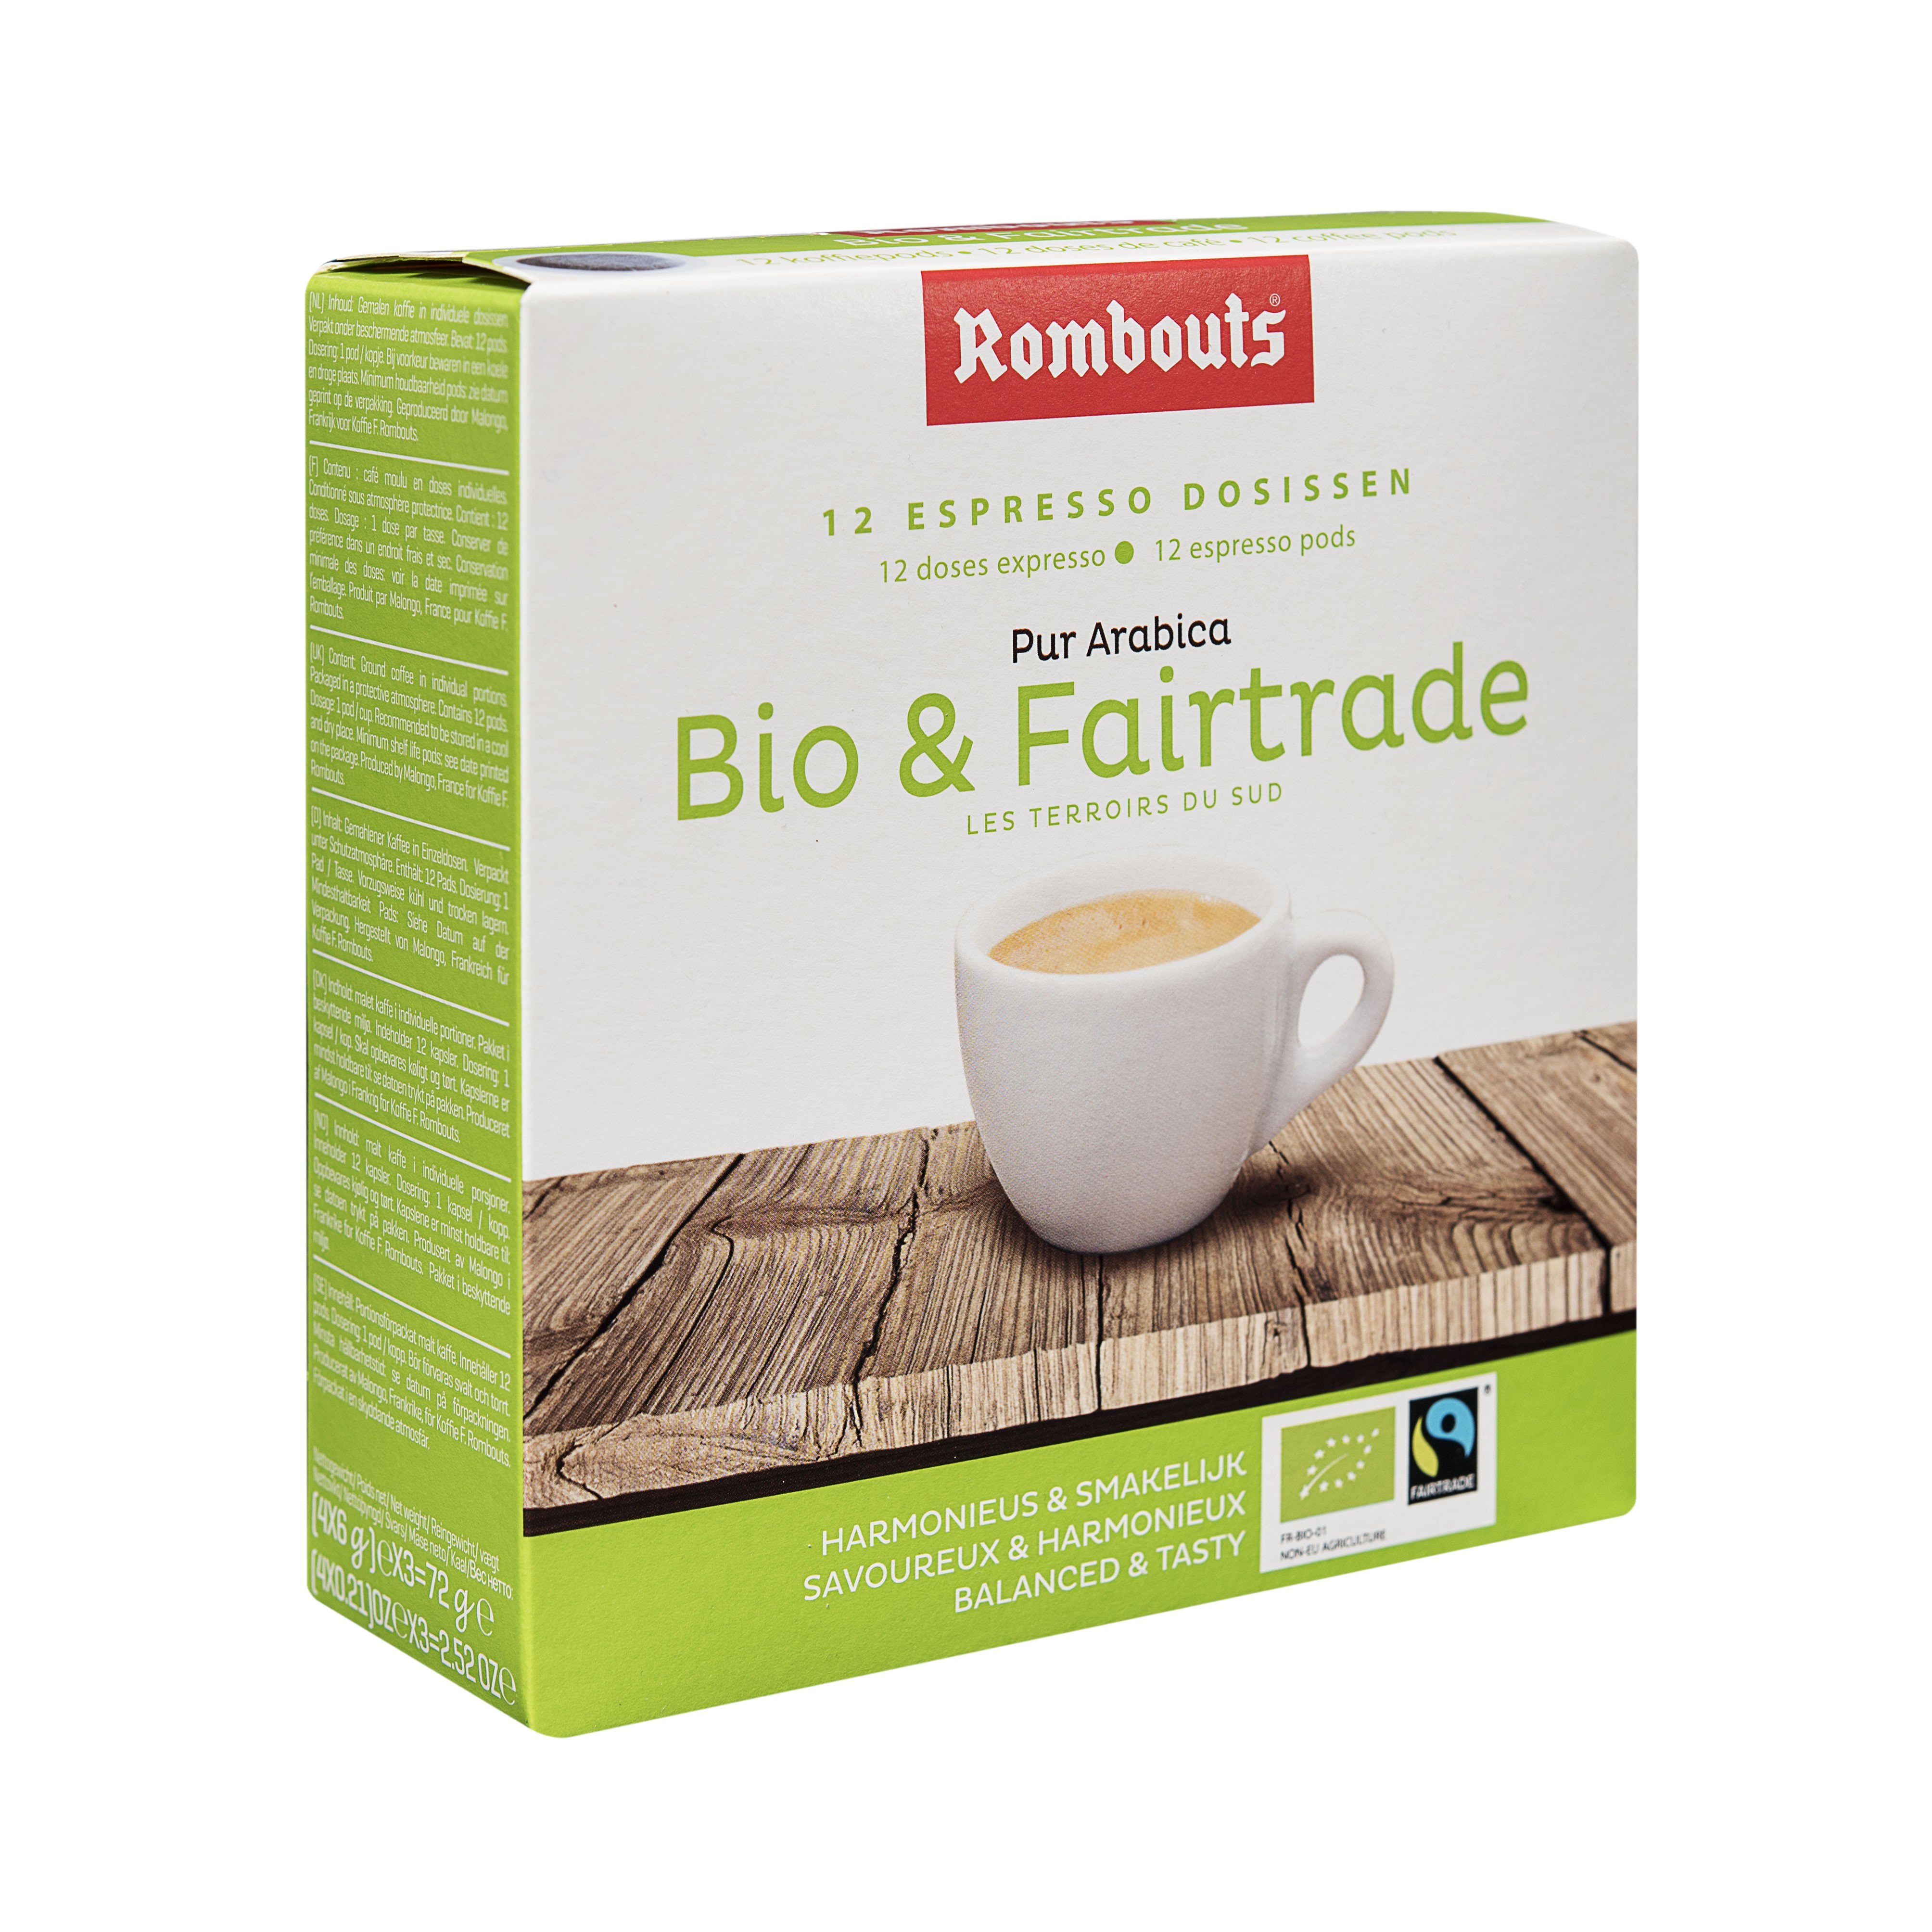 Bio & Fairtrade